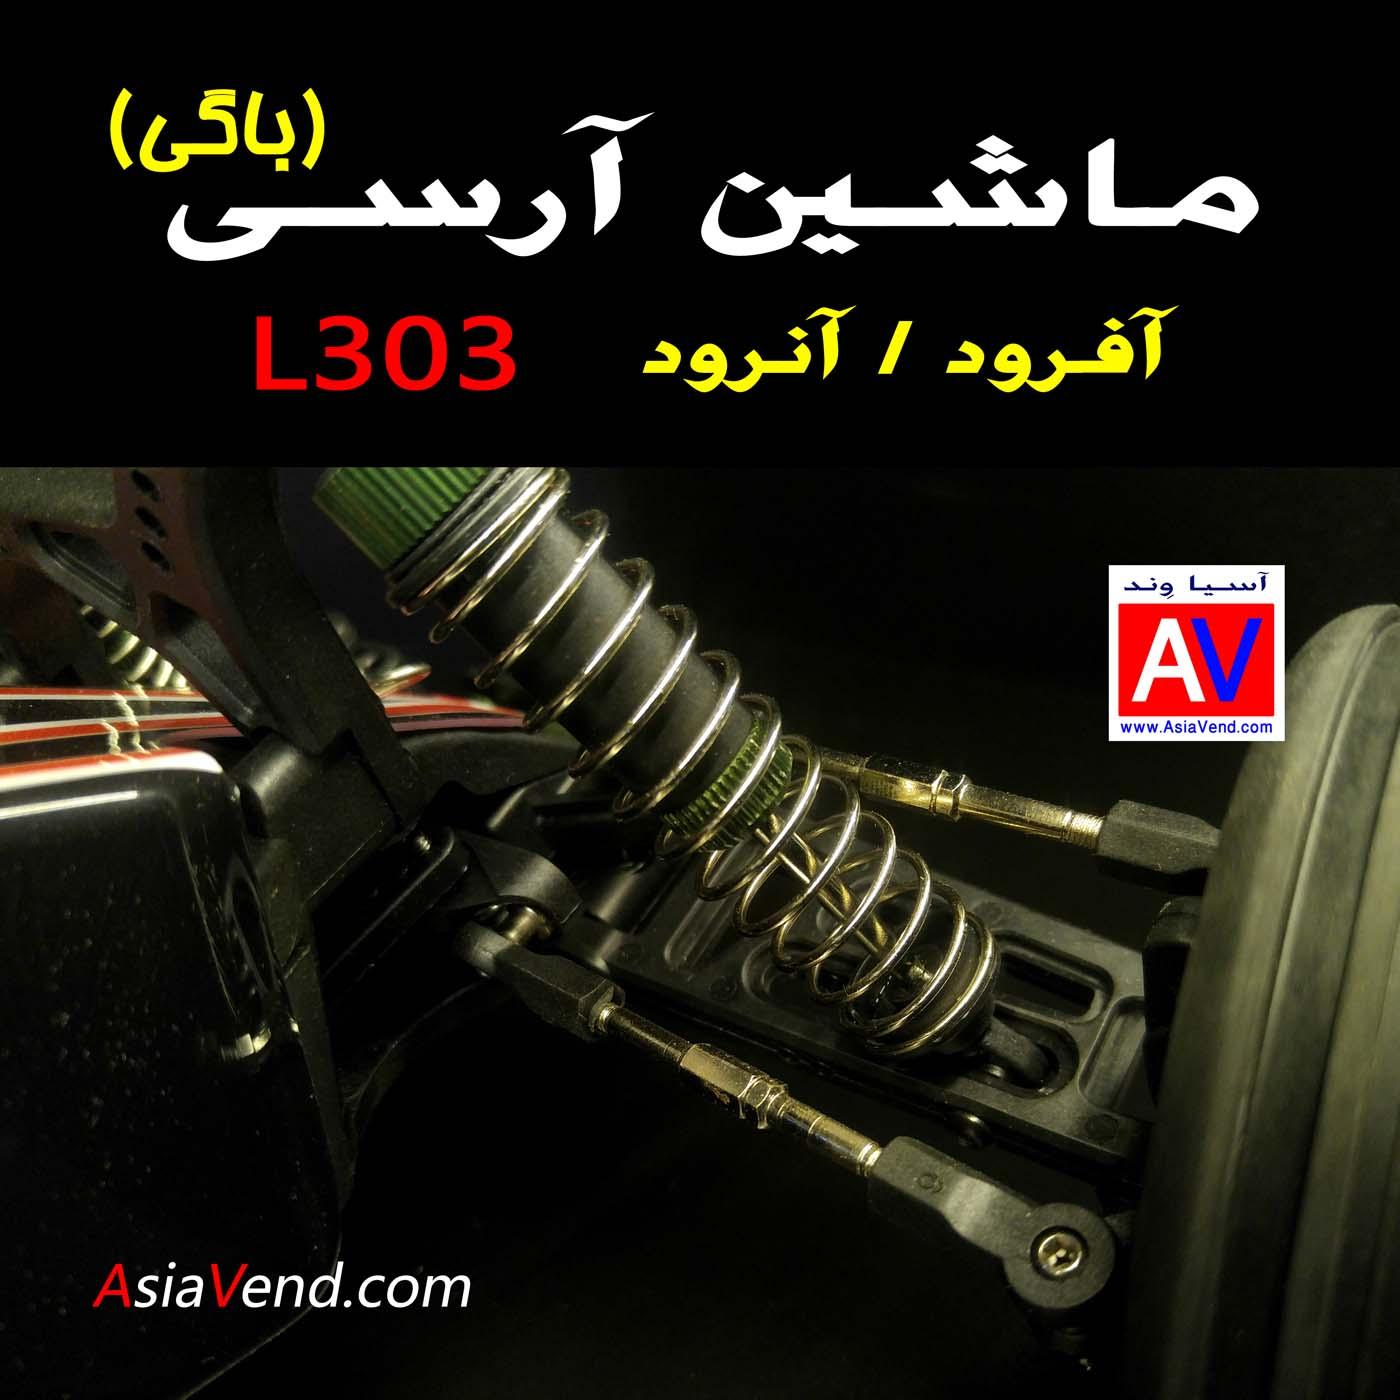 فروشگاه ماشین کنترلی آرسی حرفه ای L303 ماشین رادیو کنترلی L303